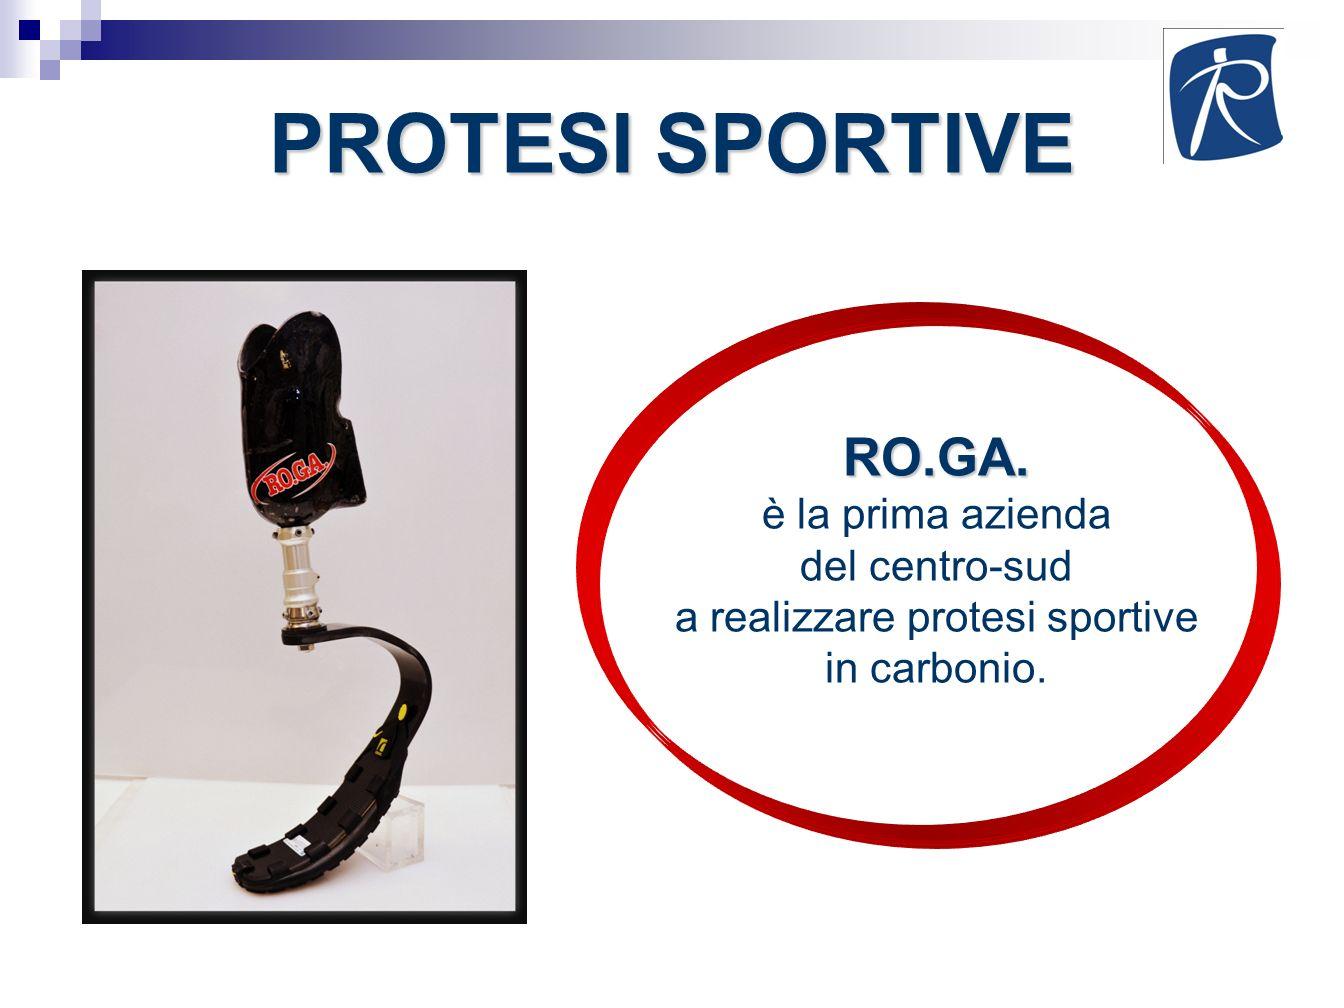 a realizzare protesi sportive